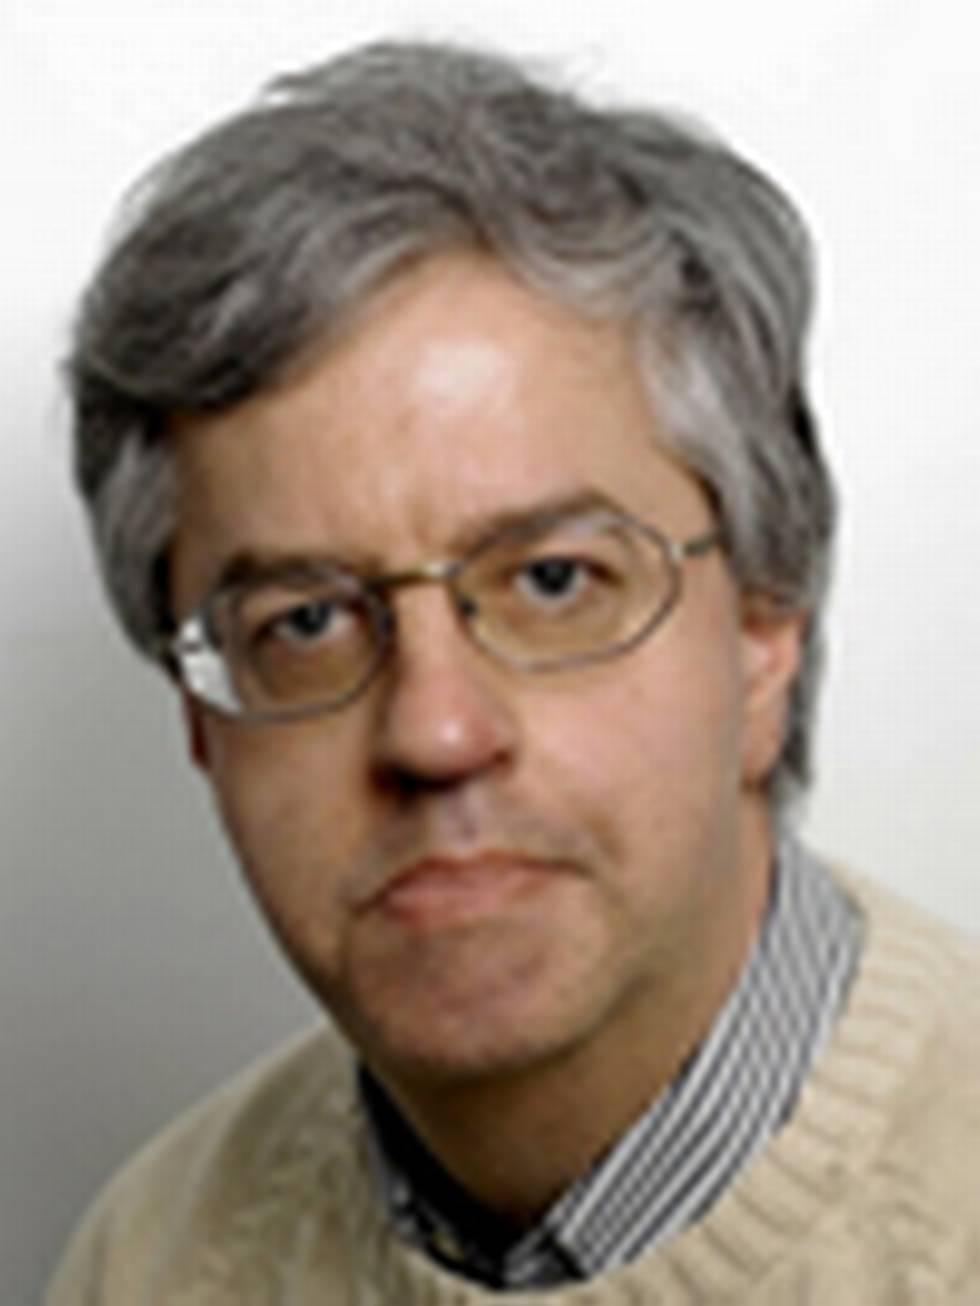 Alessandro Materni (M.A.)